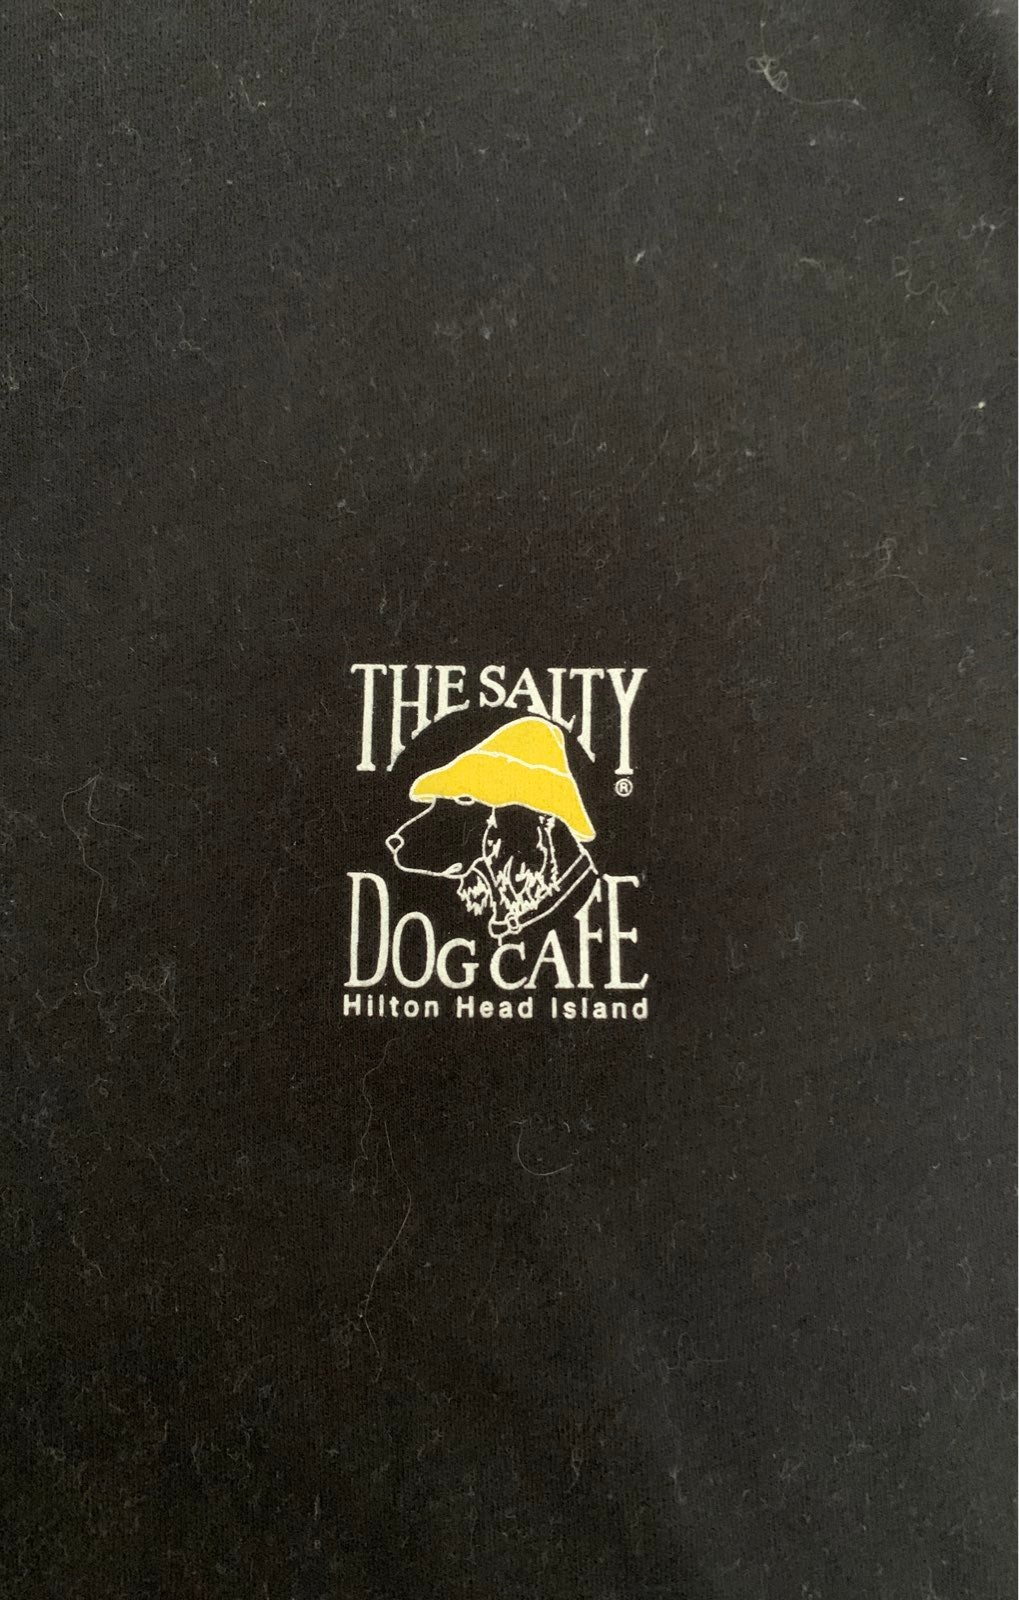 Salty dog cafe tshirt